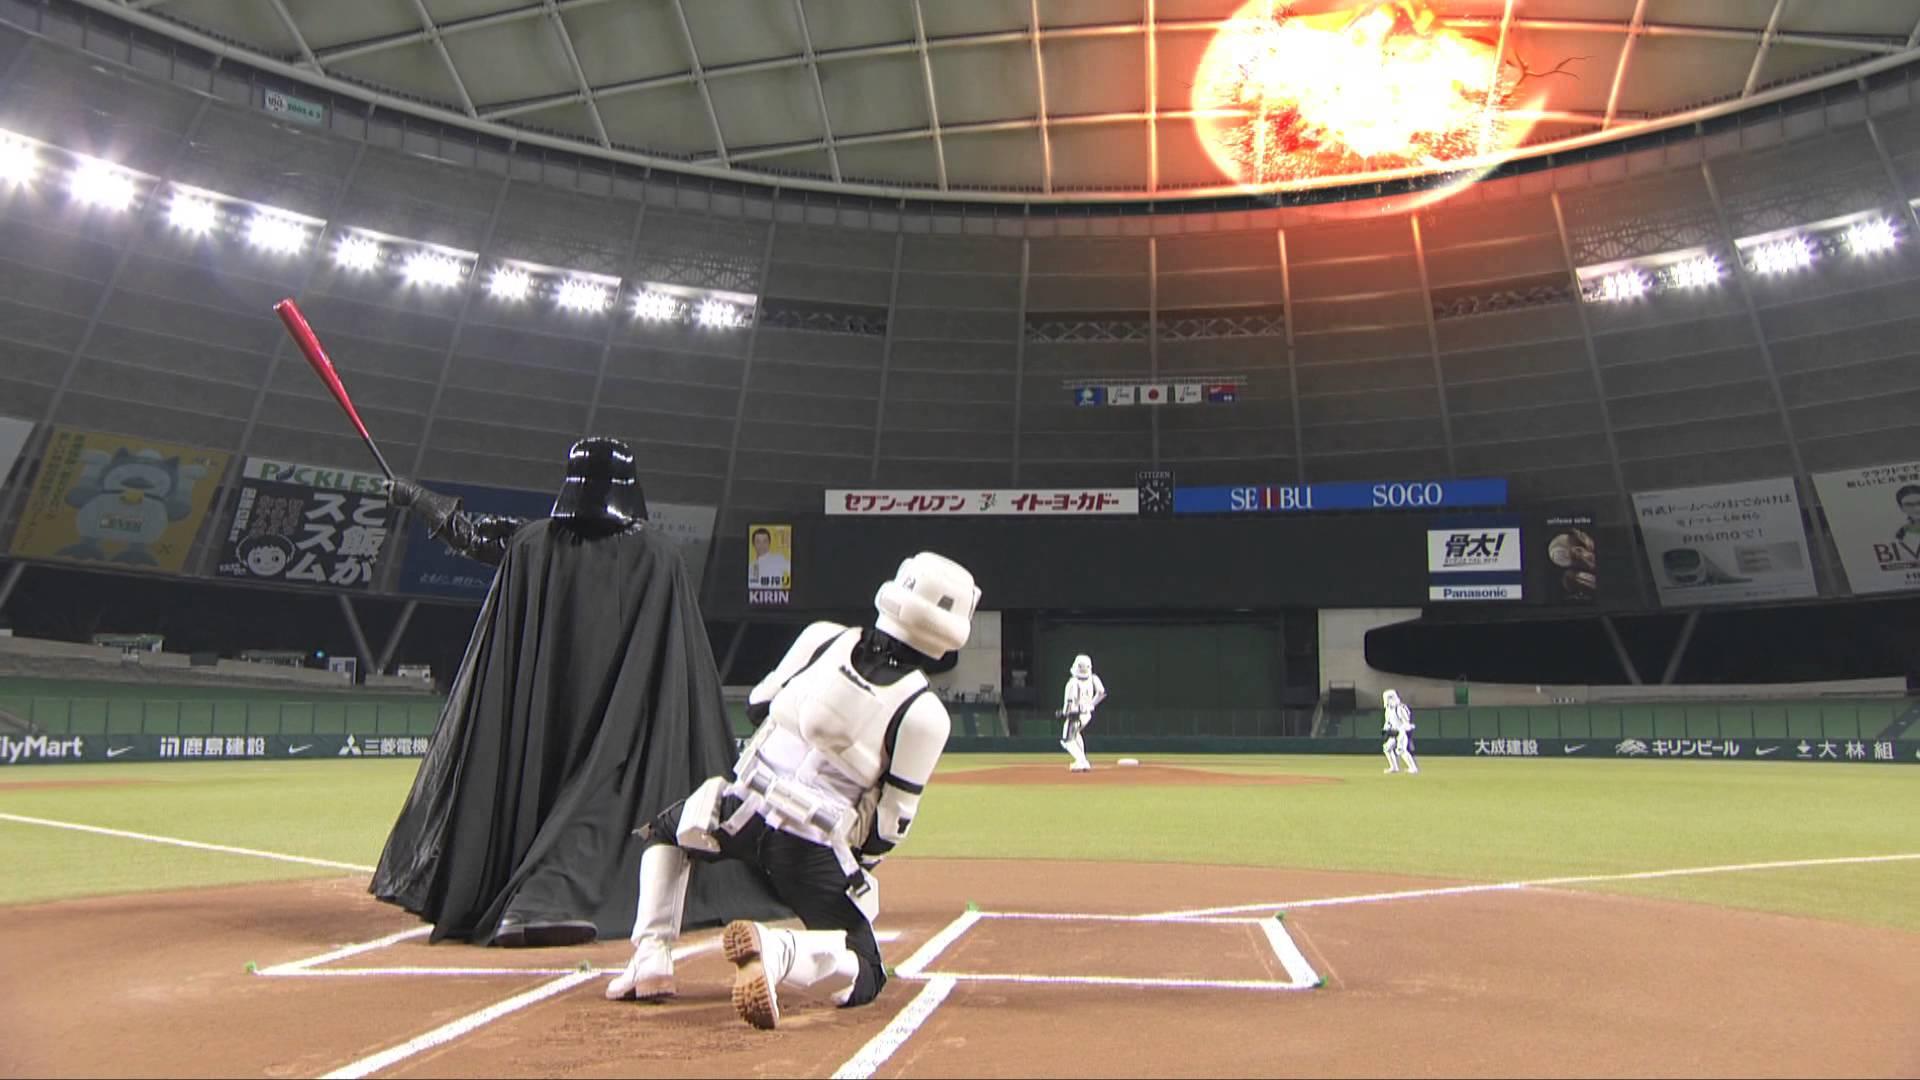 Darth Vader goes yard